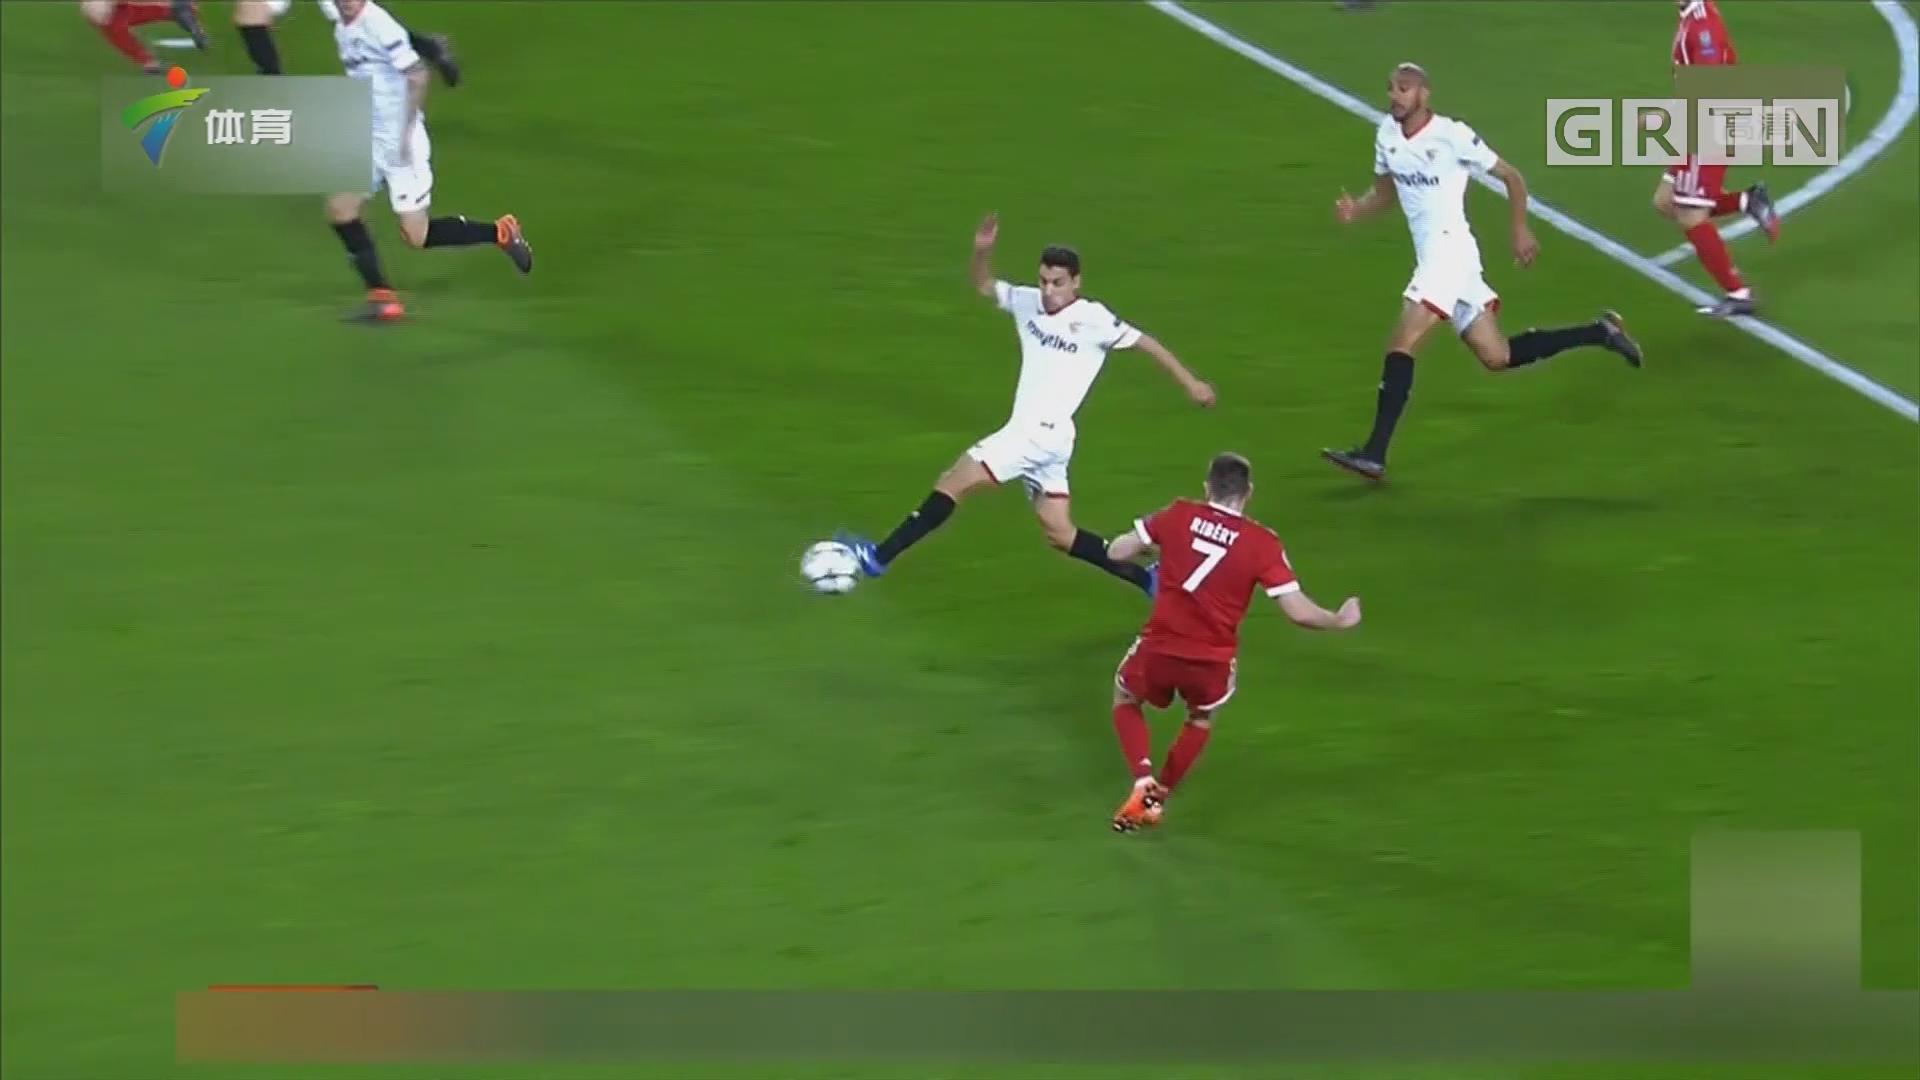 拜仁逆转塞维利亚 占据晋级主动